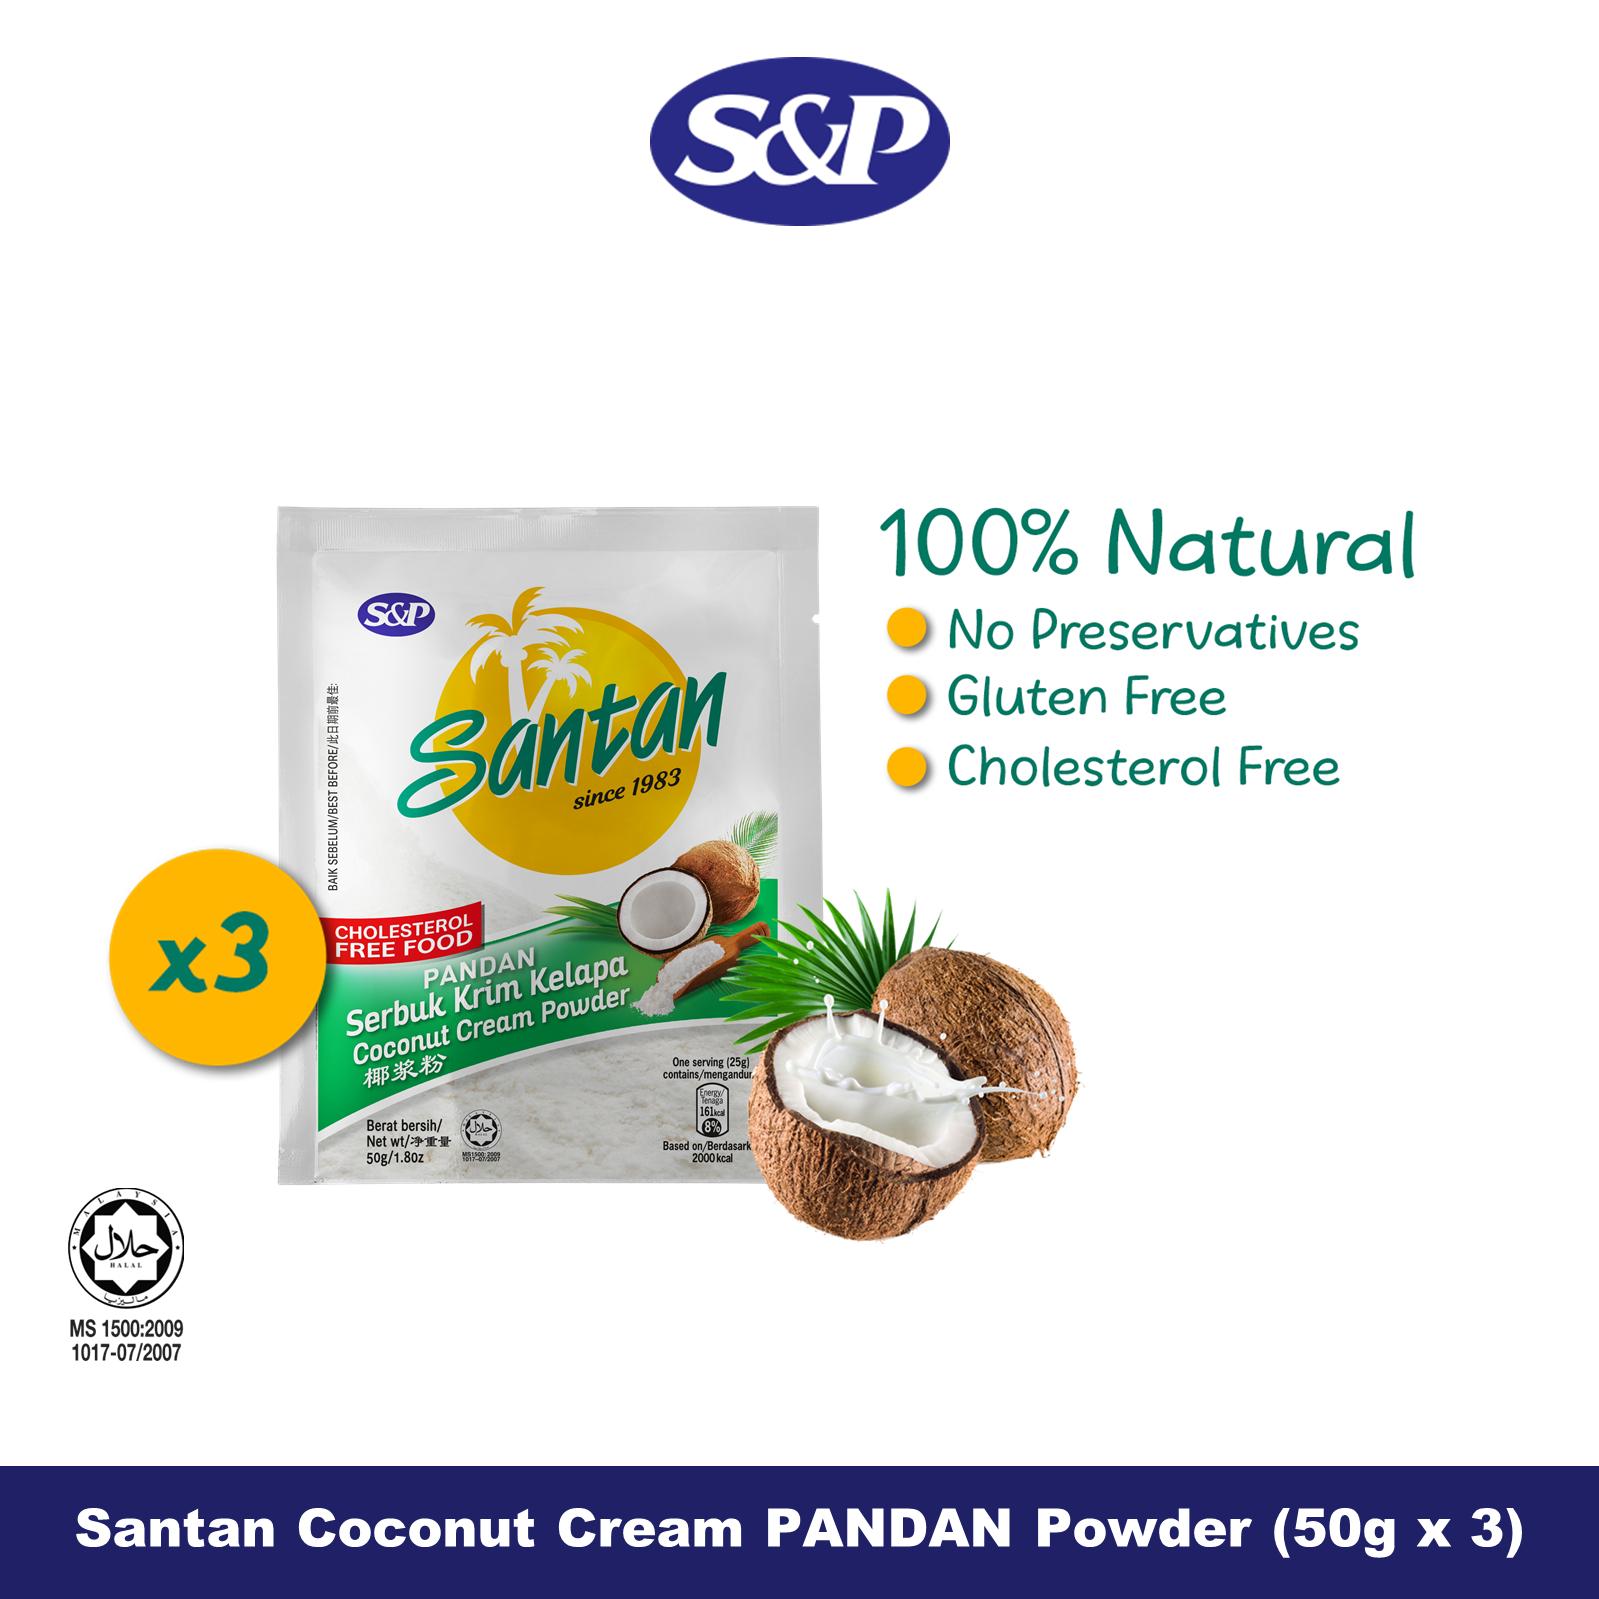 S&P Santan Coconut Cream Powder PANDAN Serbuk Santan Kelapa (50g x3)